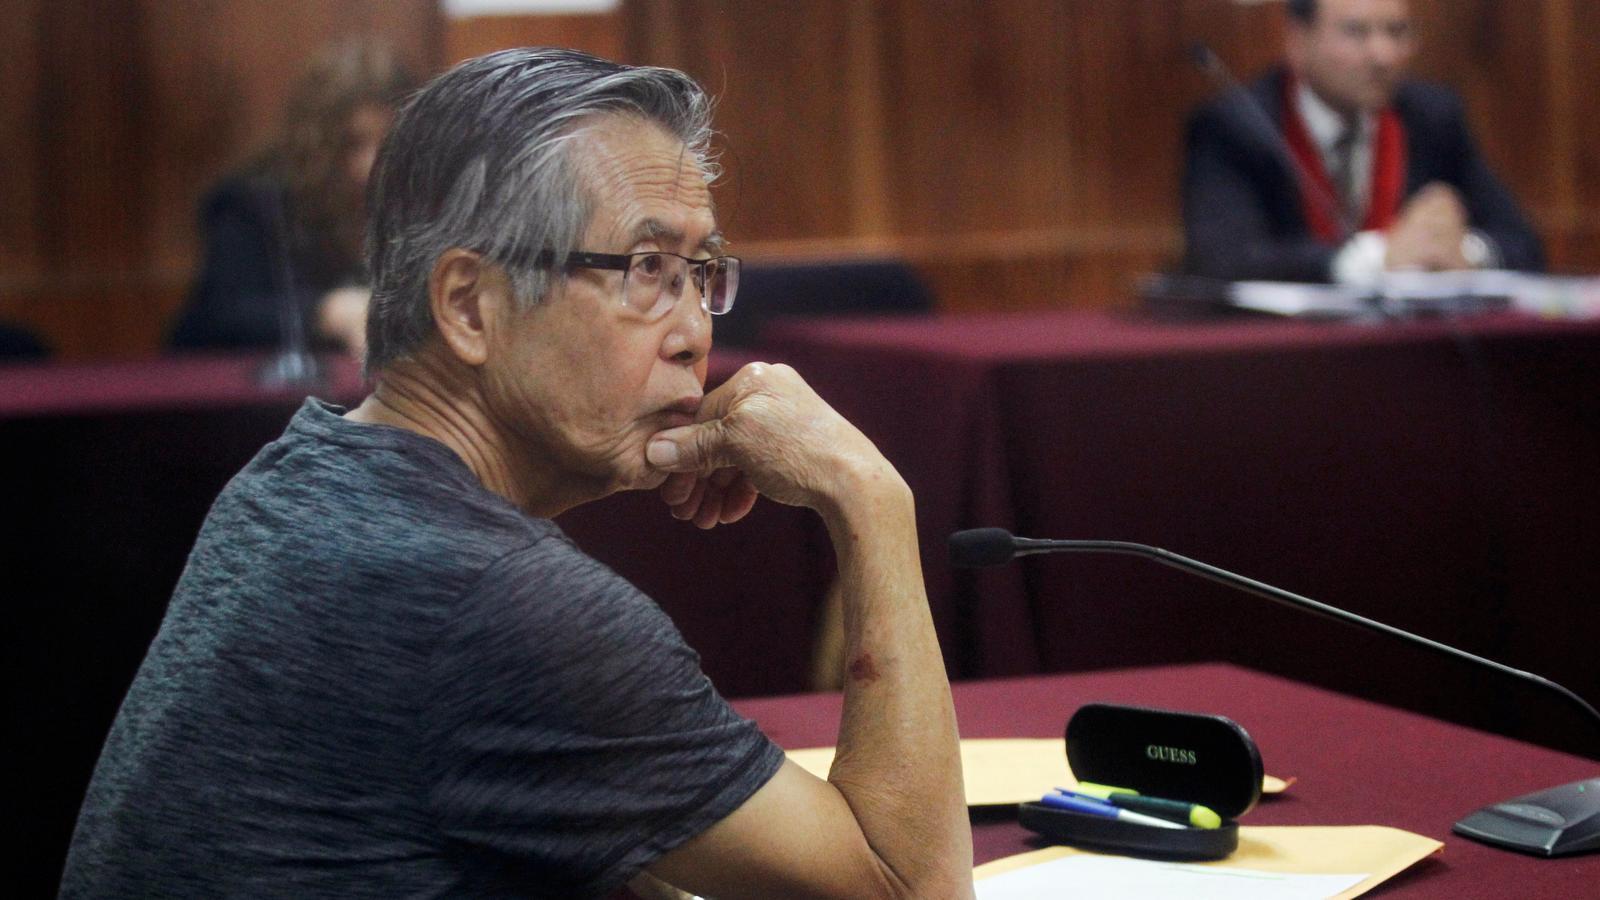 Fujimori escolta la sentència del tribunal en una imatge d'arxiu de l'any 2015.